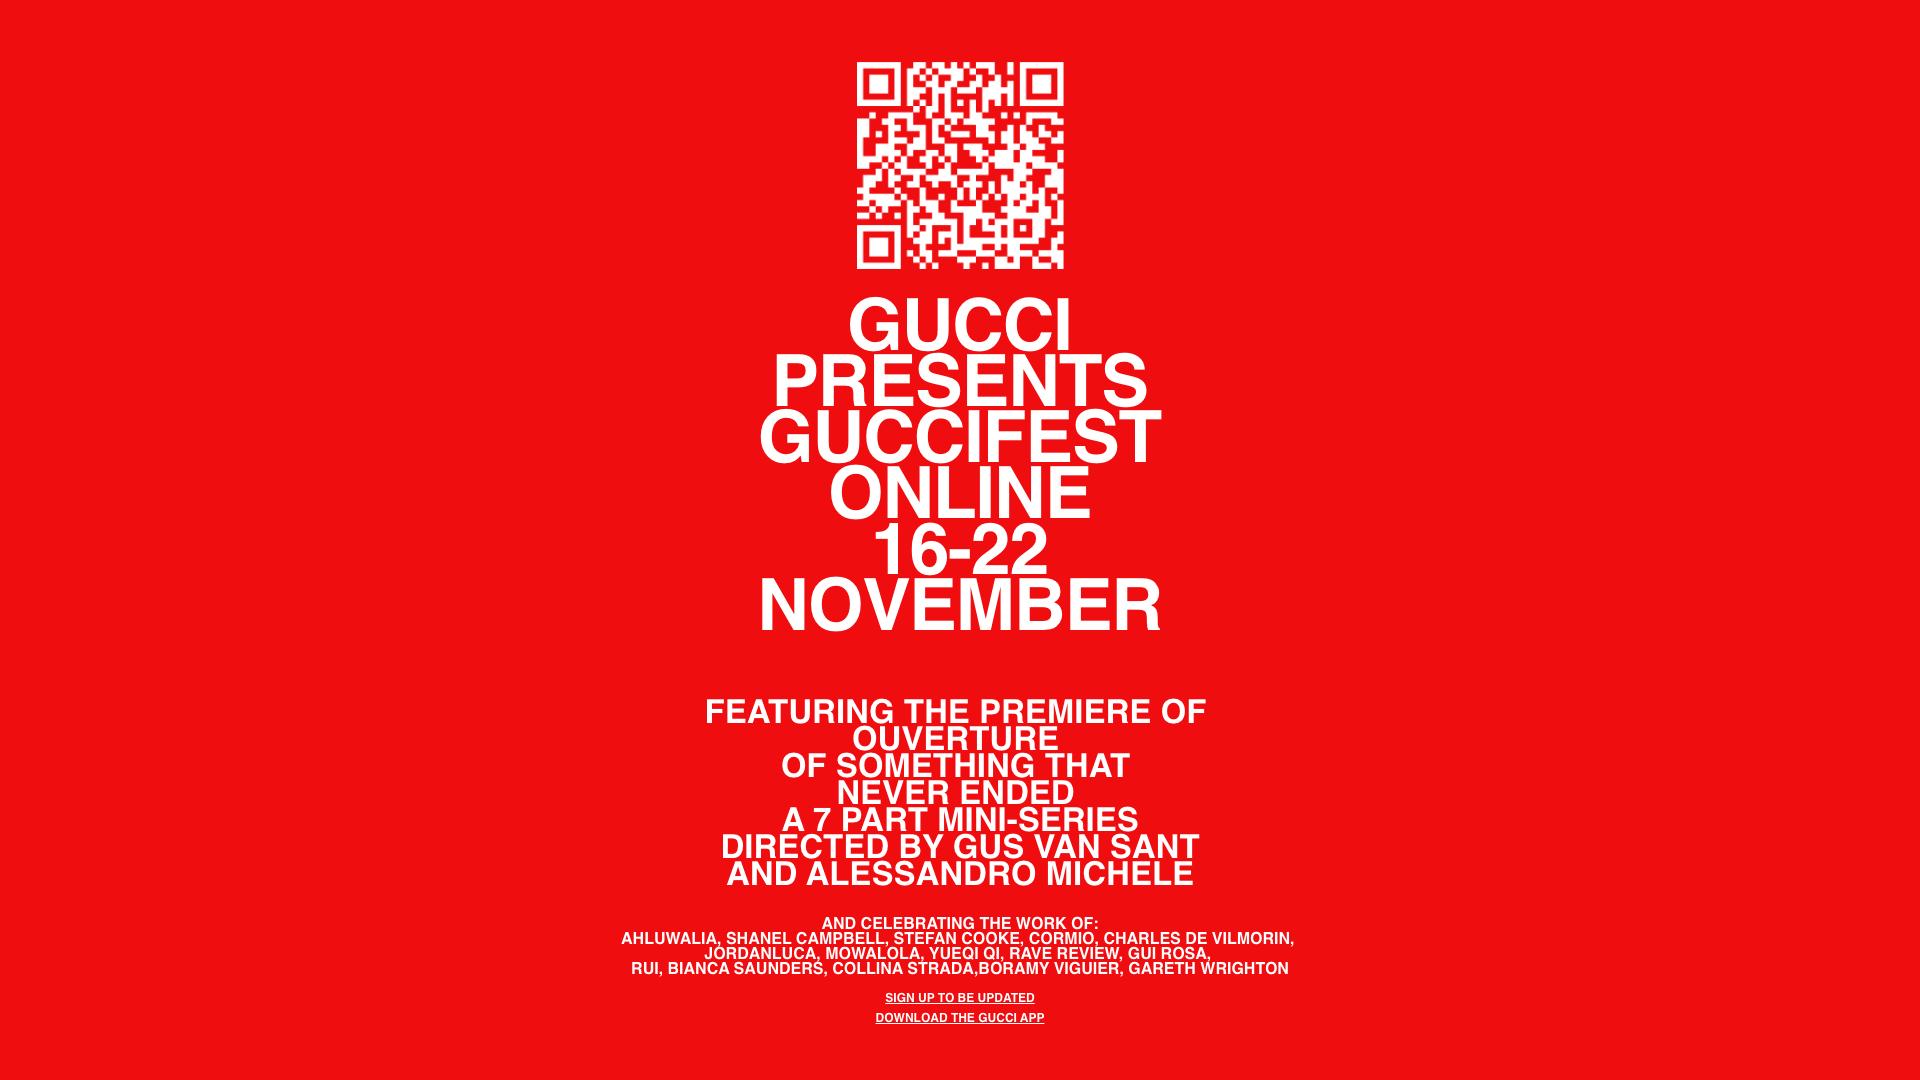 Gucci lanza GucciFest, su primer festival de cine online y abierto al público